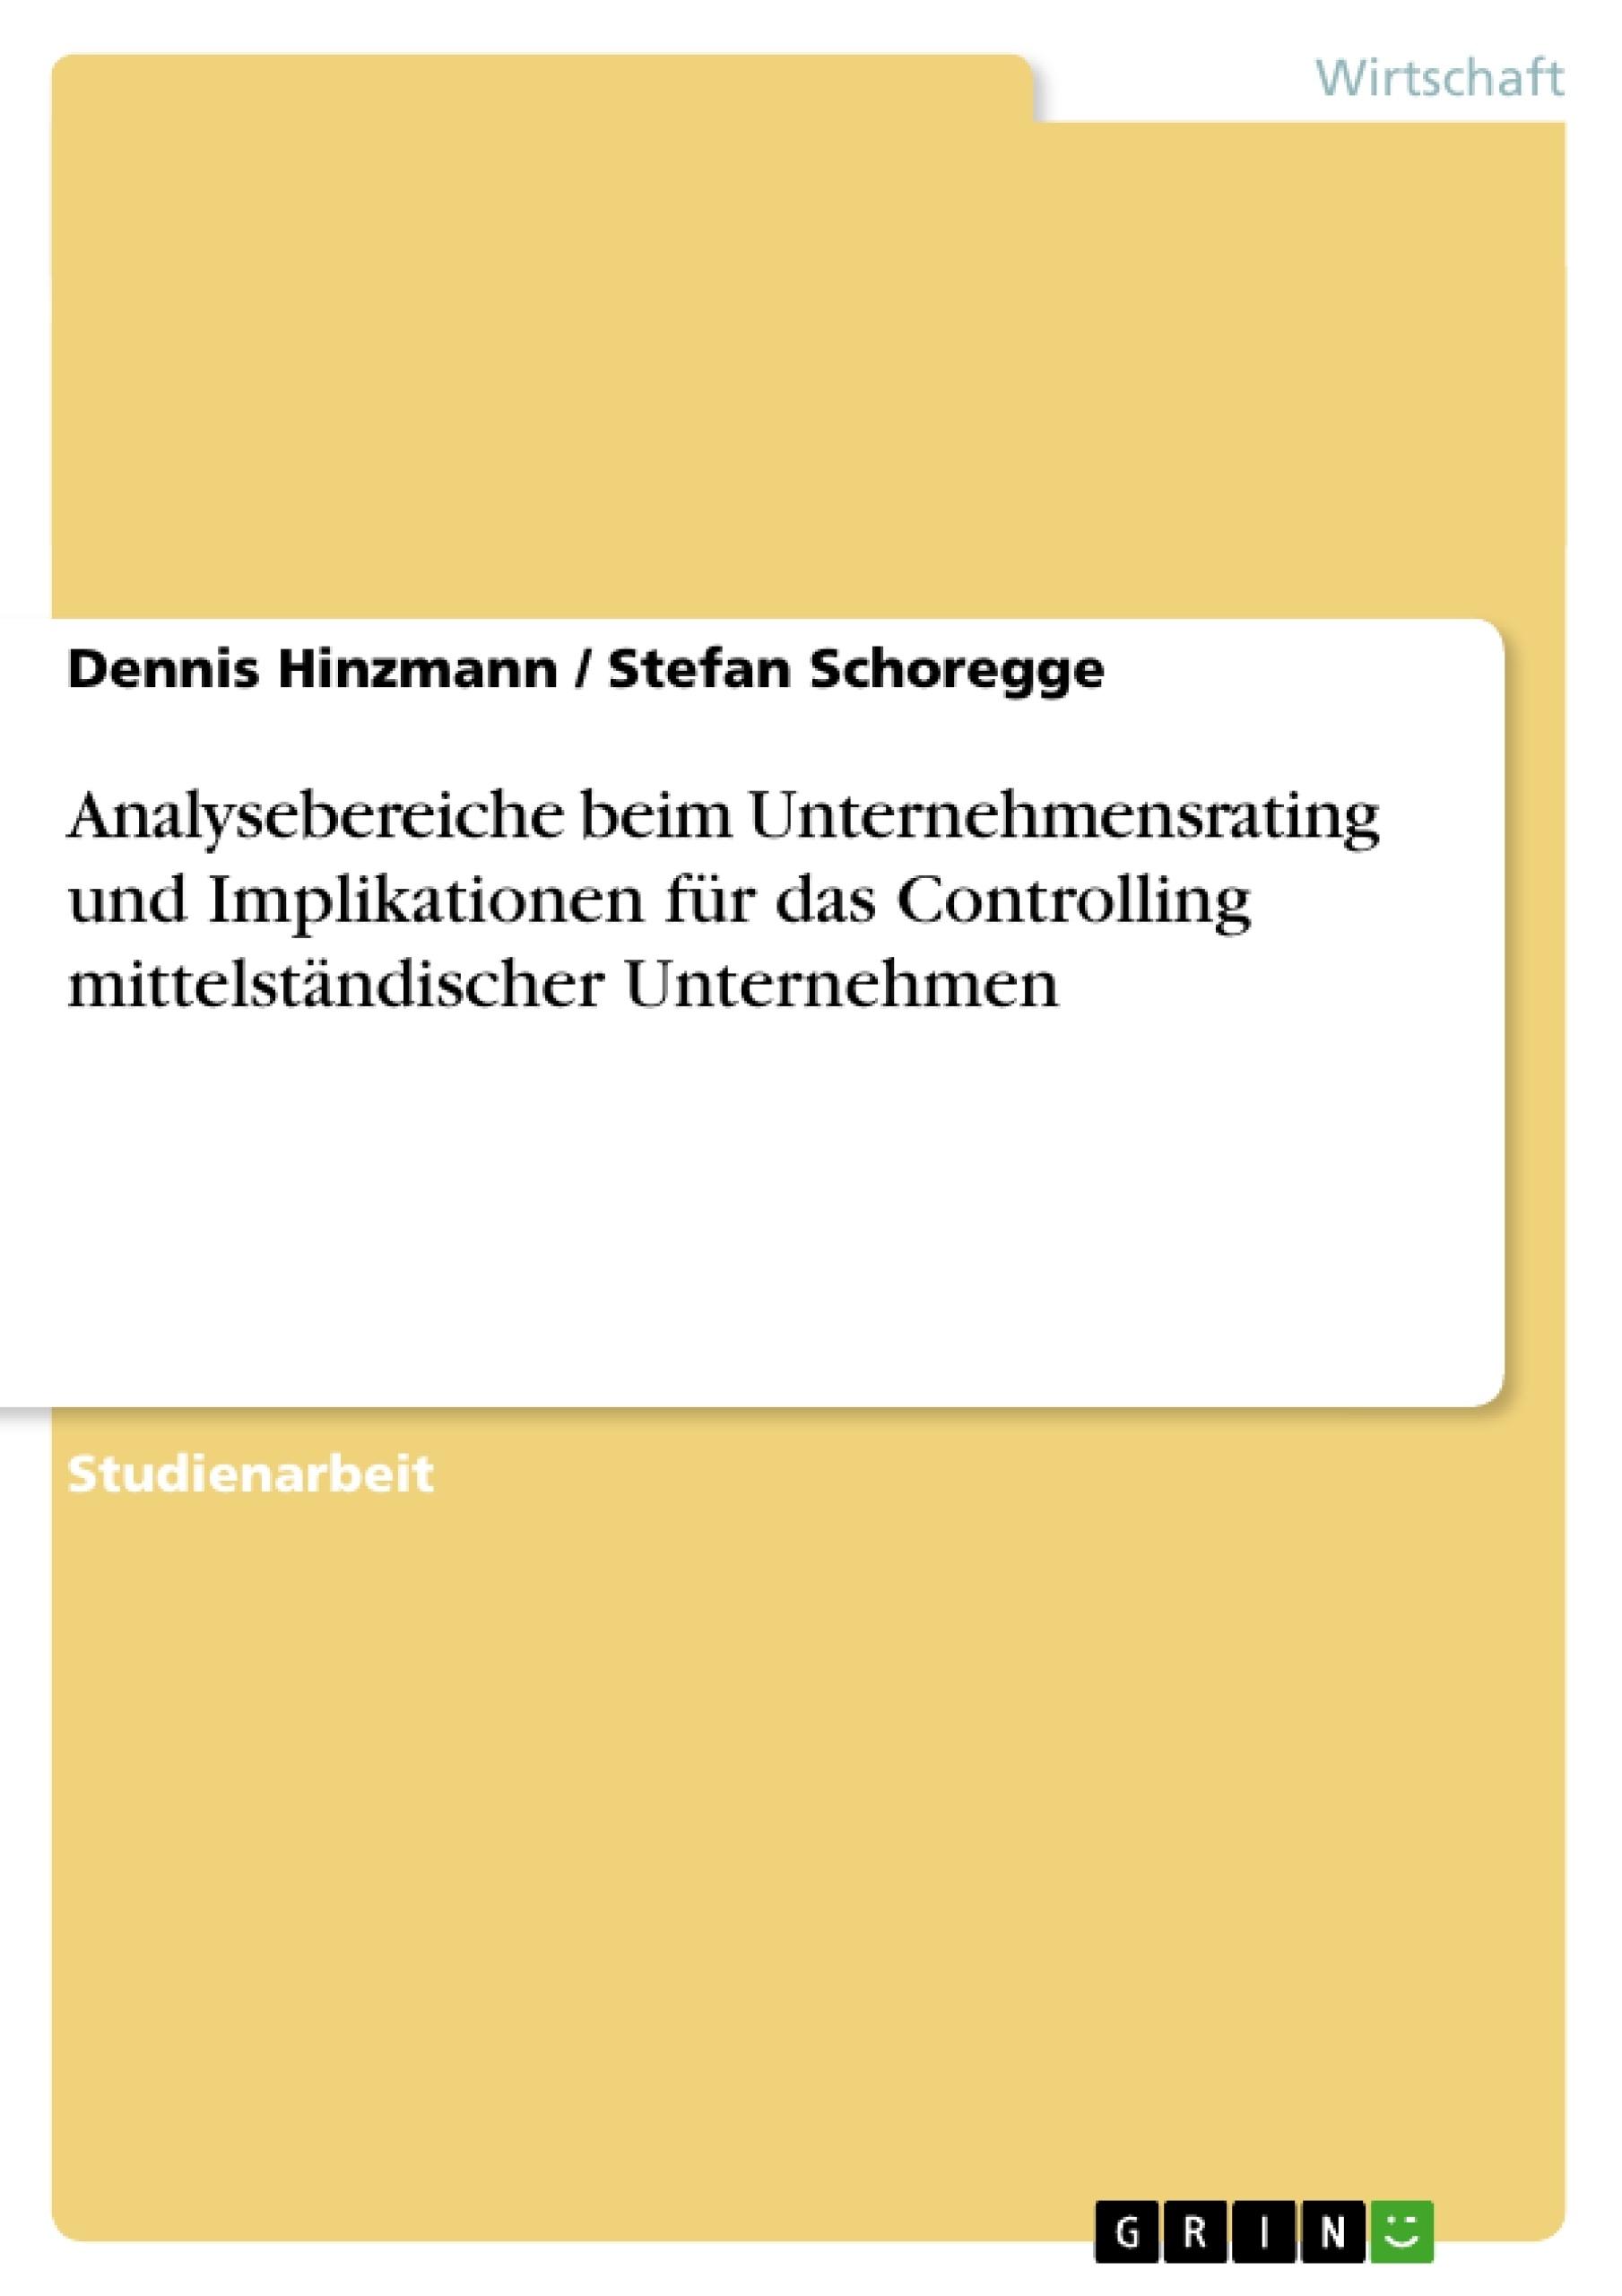 Titel: Analysebereiche beim Unternehmensrating und Implikationen für das Controlling mittelständischer Unternehmen